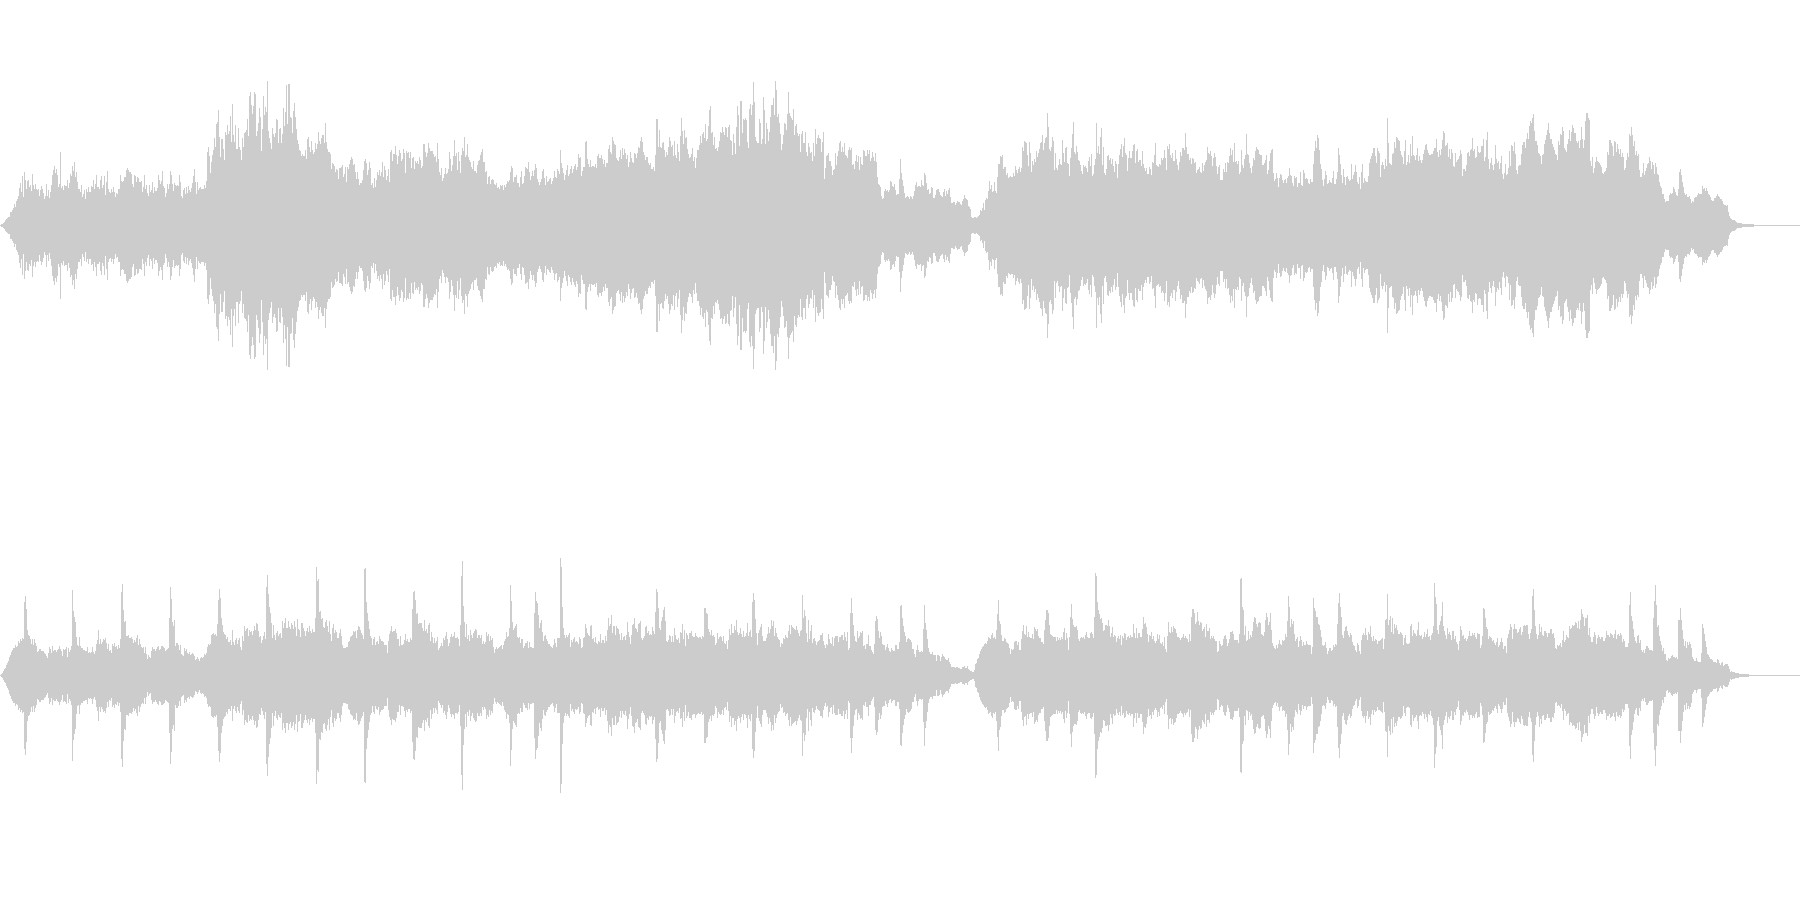 メジャー系のなぐさめのメロディ~弦楽奏~の未再生の波形